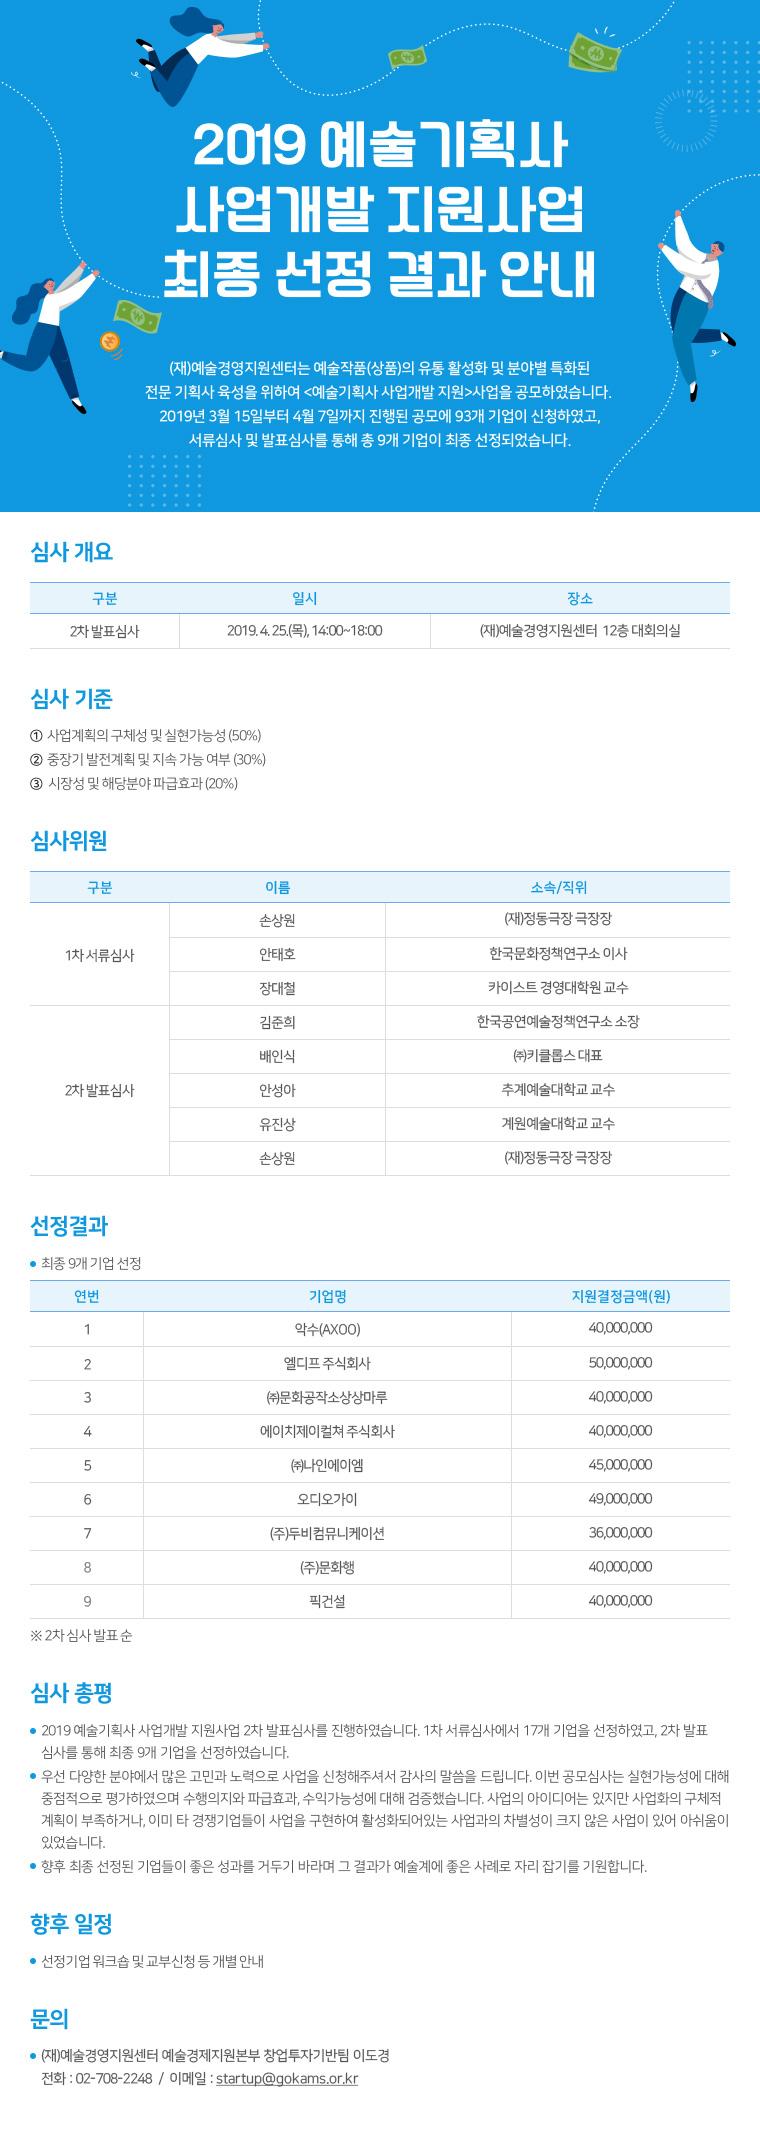 2019예술기획사 사업개발비 지원사업 최종 선정 결과 안내